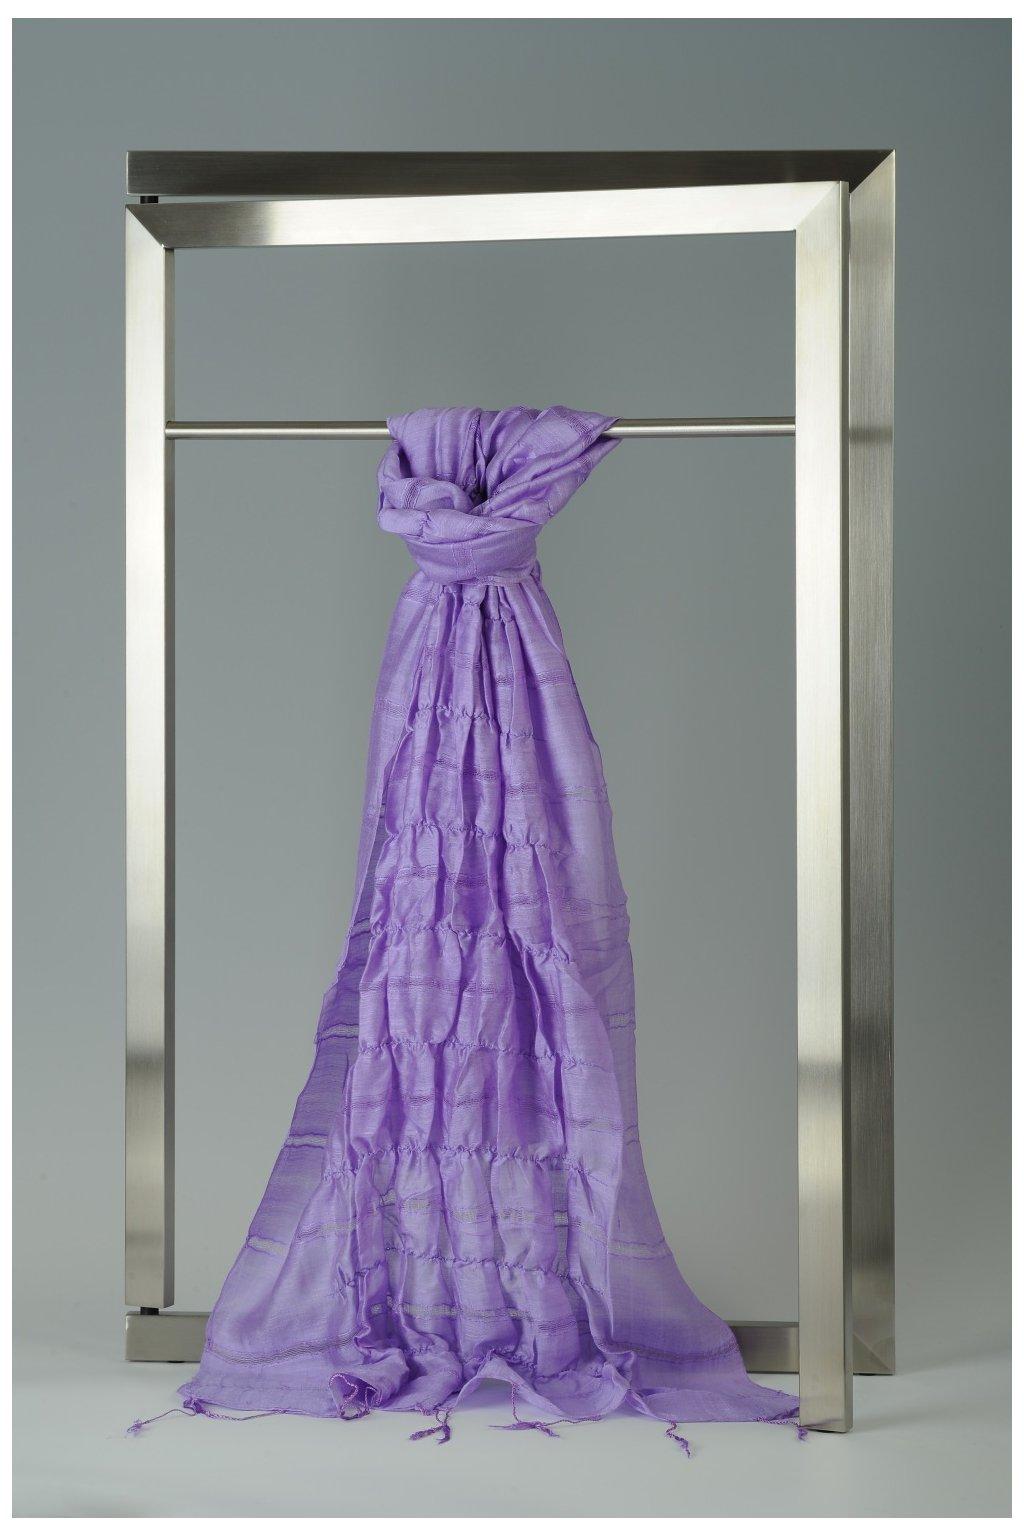 Šála z hedvábí a bavlny s jemnými proužky, plisovaná HBP_40